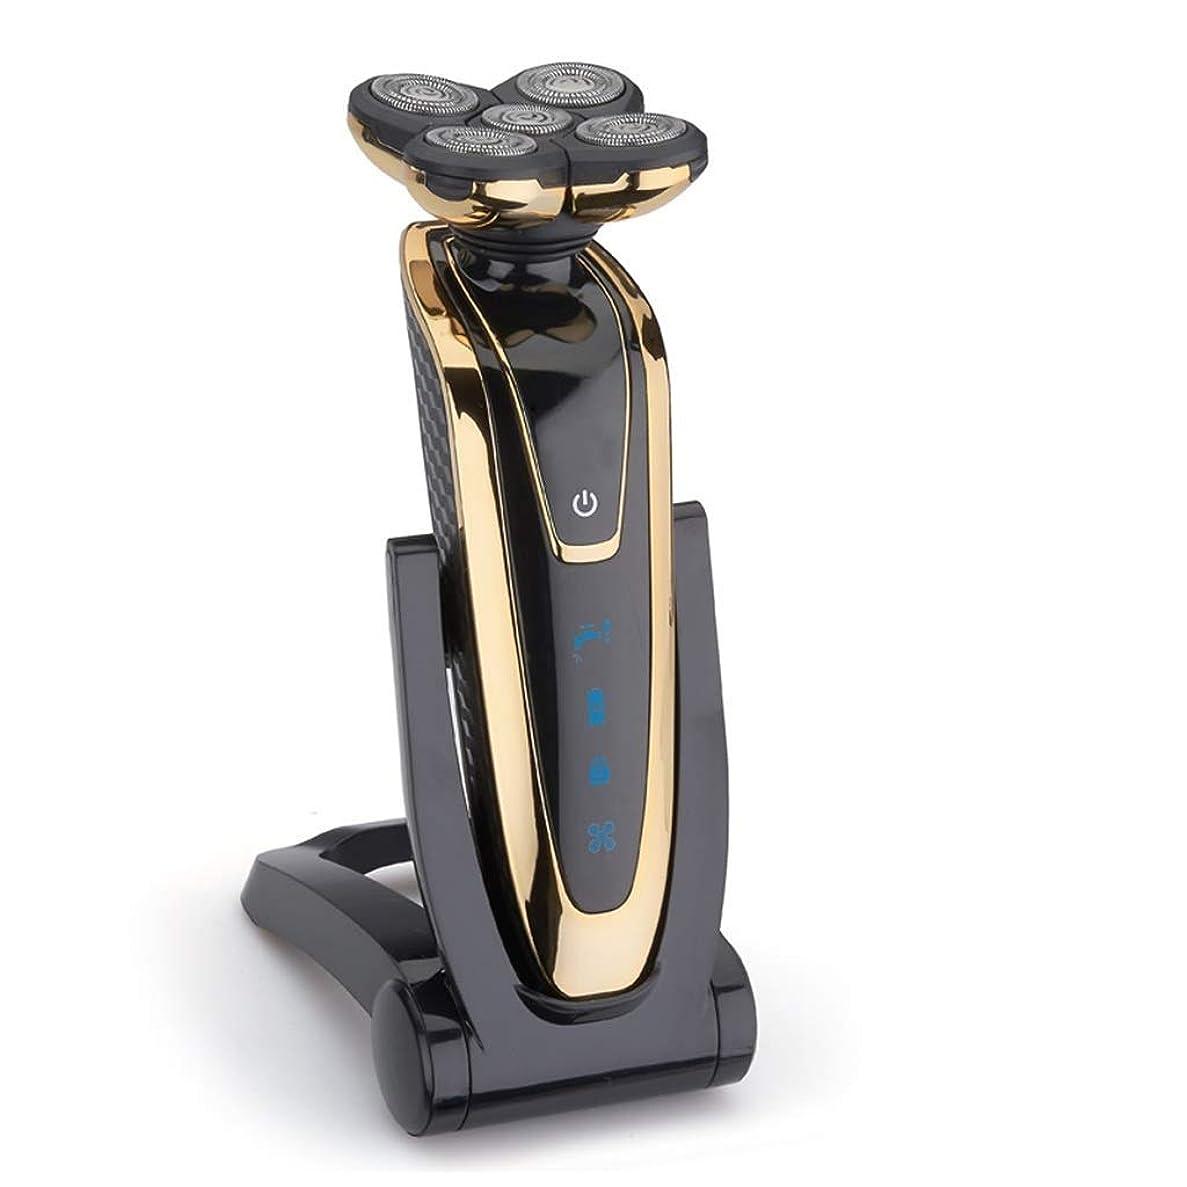 ポンプその他極めてBEIHUAN キット3D浮動ロータリーシェーバーコードレスバリカンあごひげ髪トリマー防水USBの充電式グルーミング男性のための電気かみそり (Color : Gold)